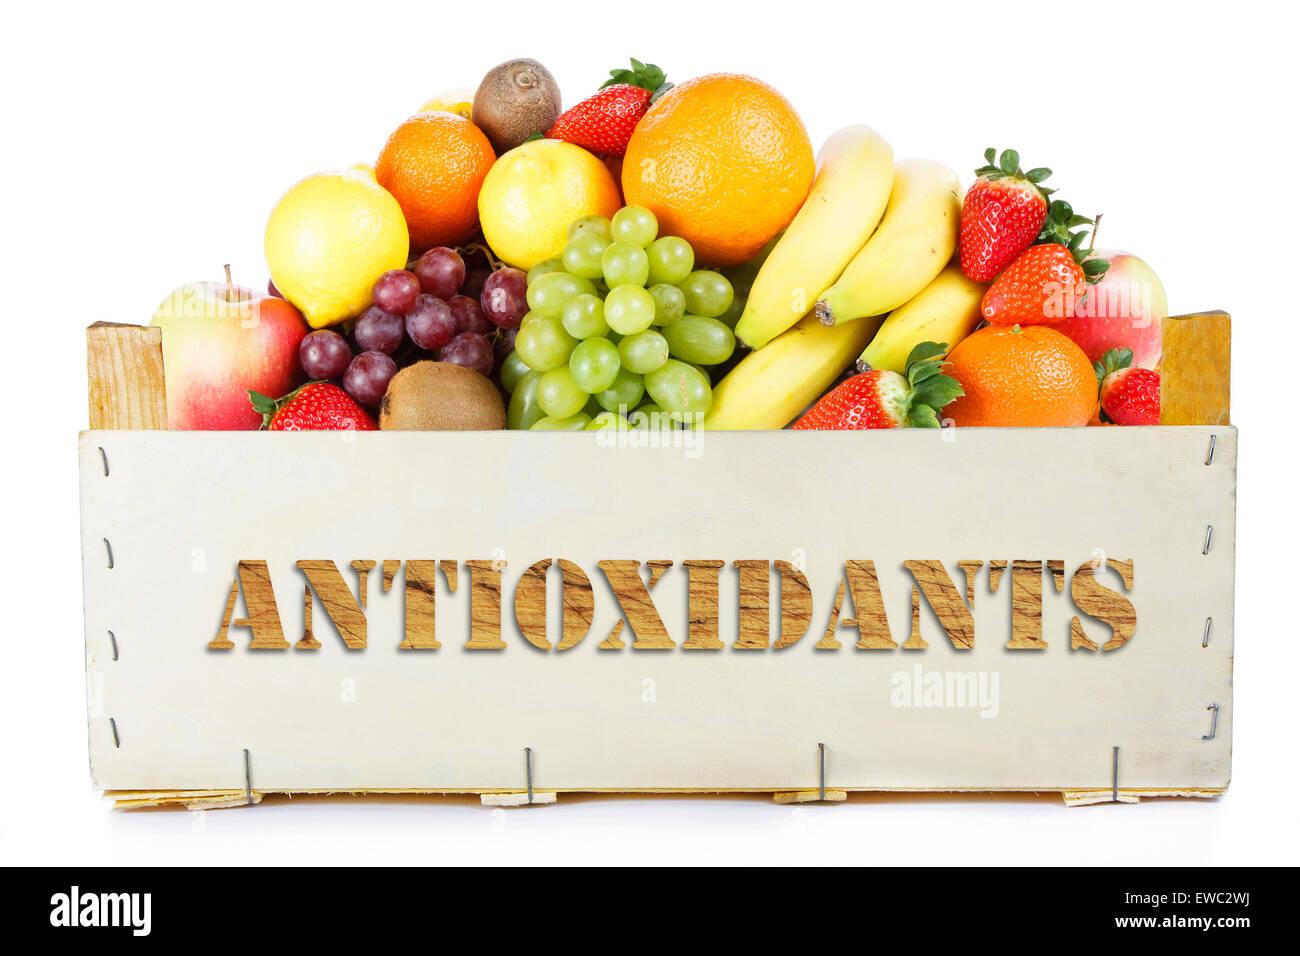 Los antioxidantes. Frutas en caja de madera Imagen De Stock